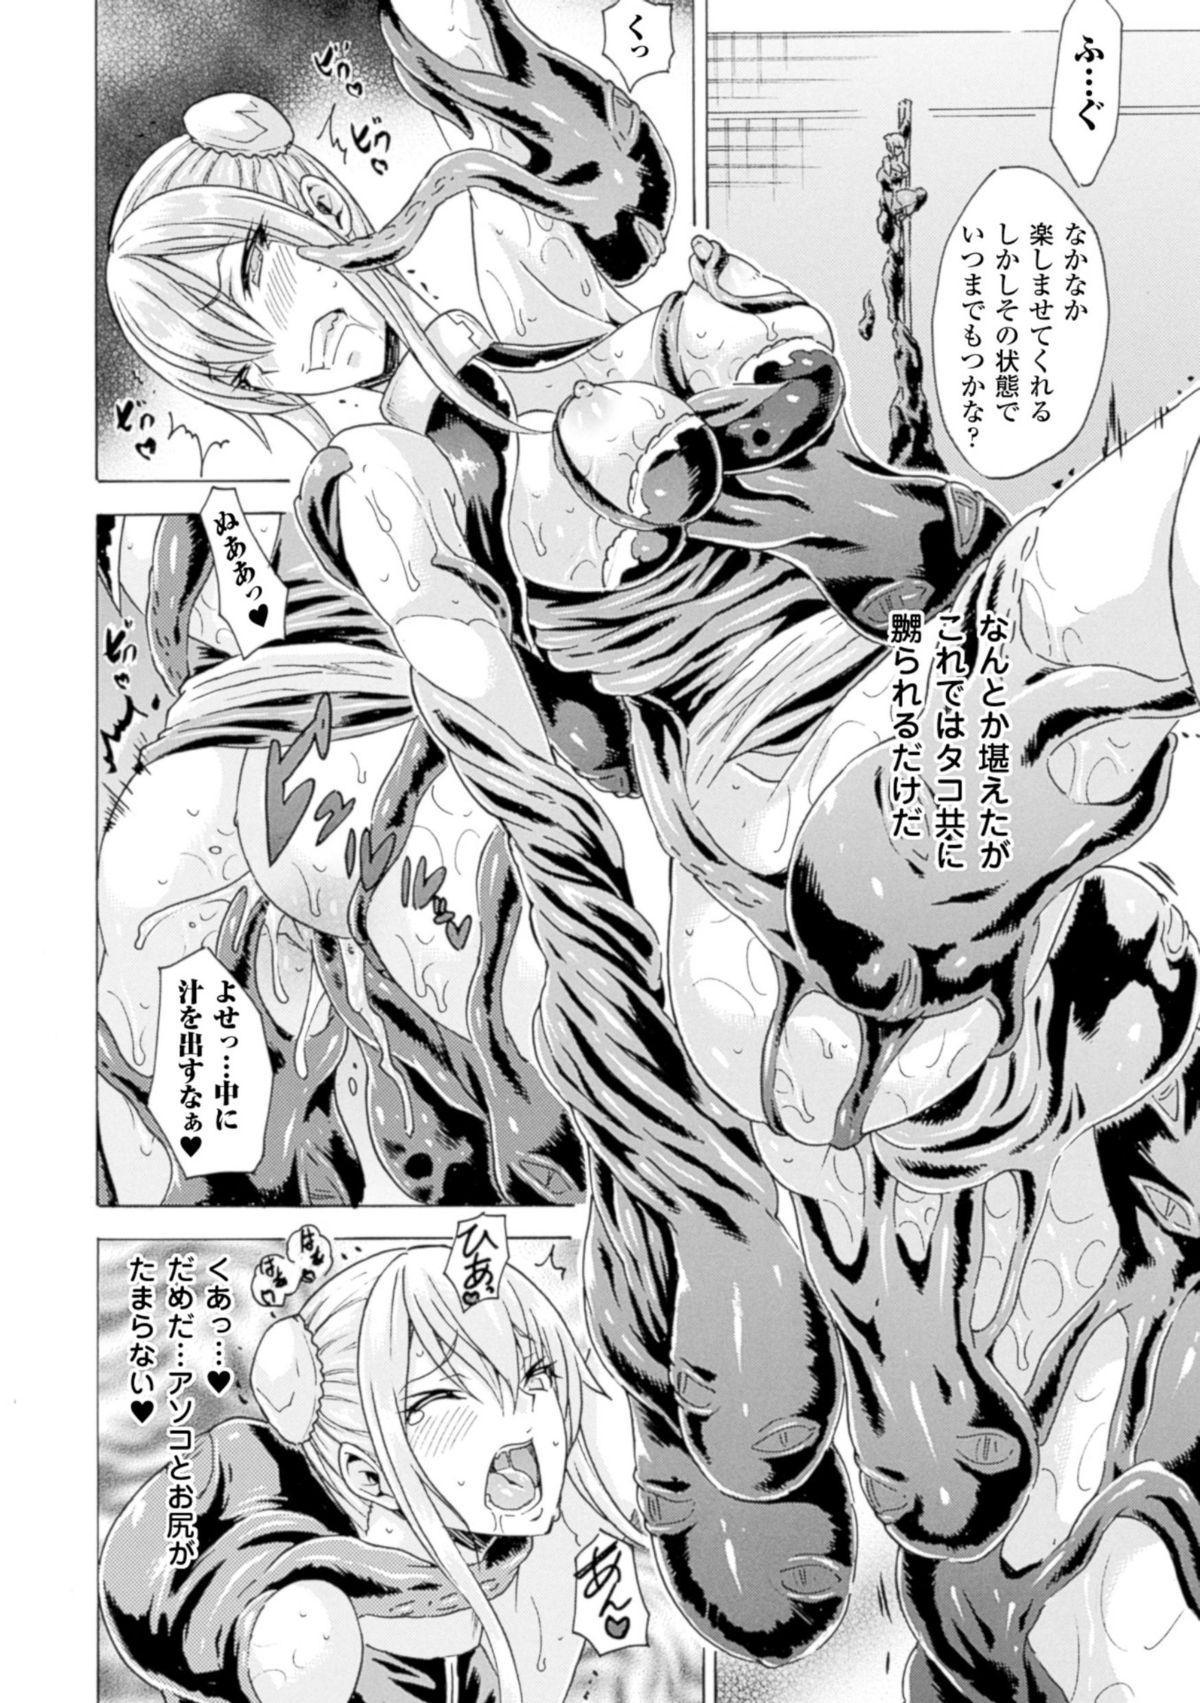 2D Comic Magazine Suisei Seibutsu ni Okasareru Heroine-tachi Vol. 1 13